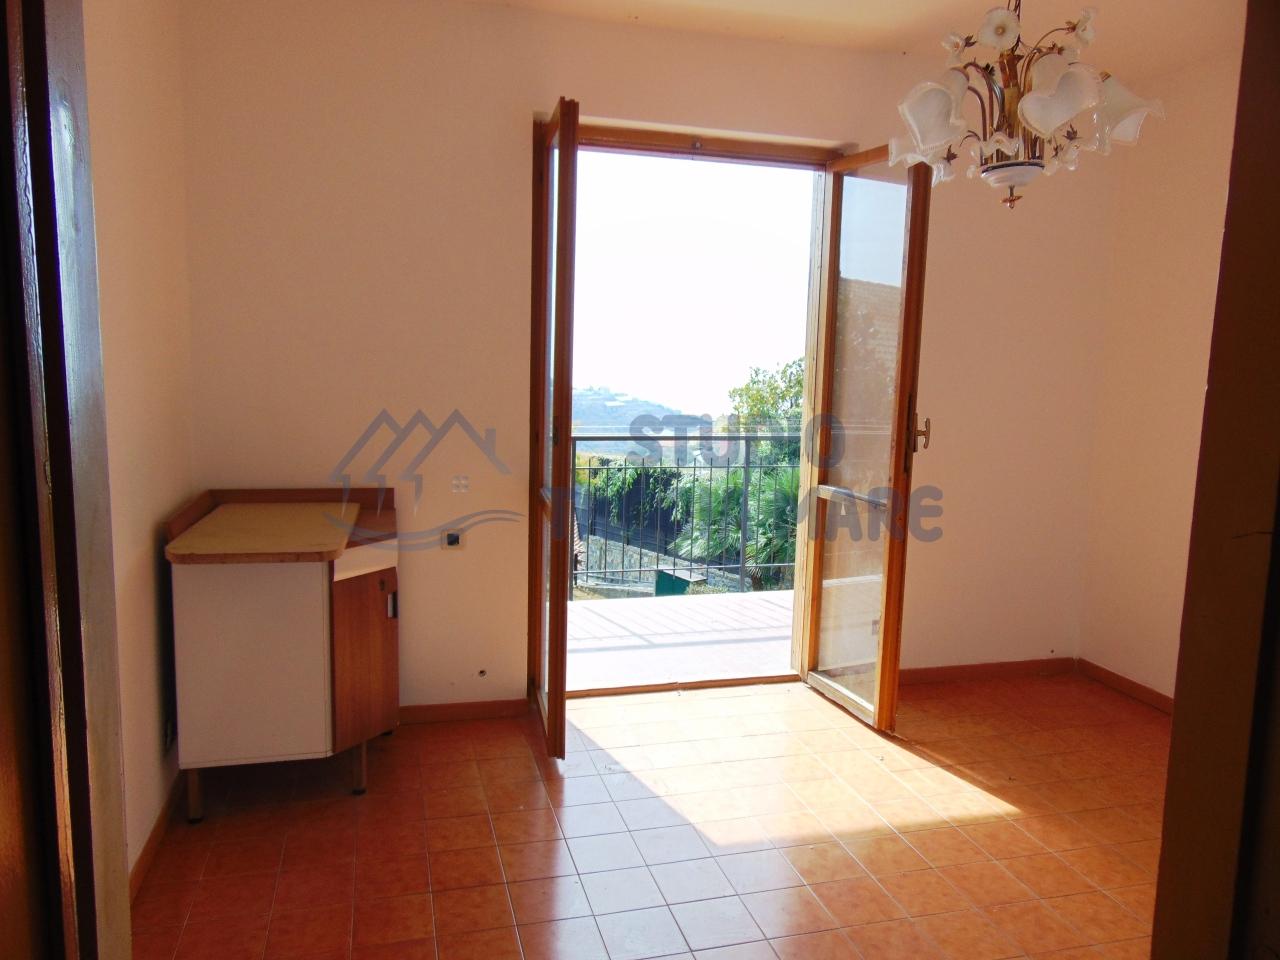 Appartamento in vendita a Pompeiana, 2 locali, prezzo € 70.000 | CambioCasa.it